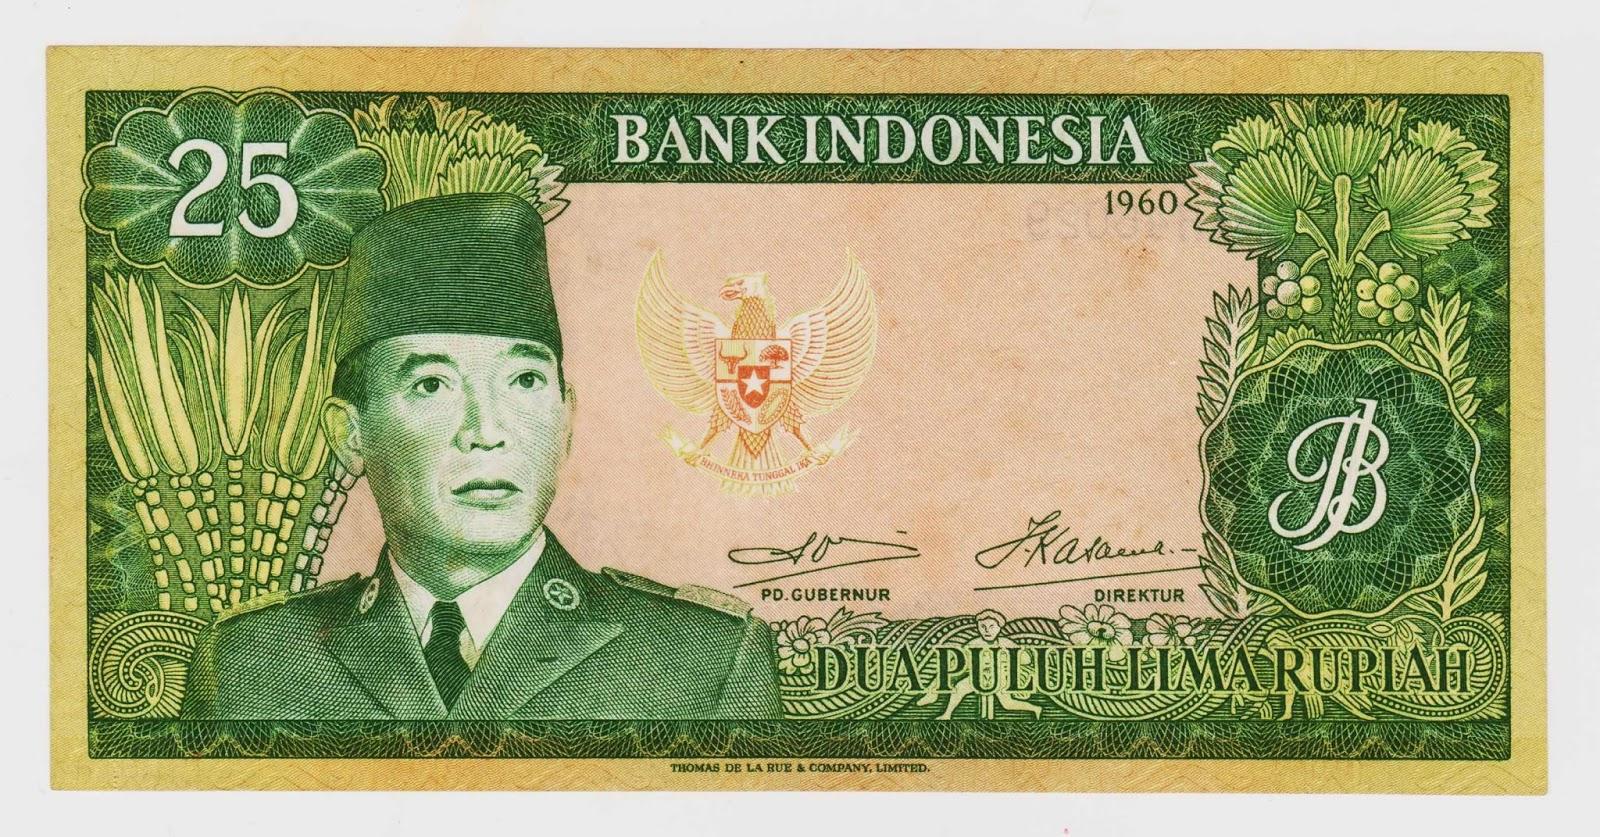 uang kuno Seri Soekarno tahun  1960 Pecahan 25 rupiah